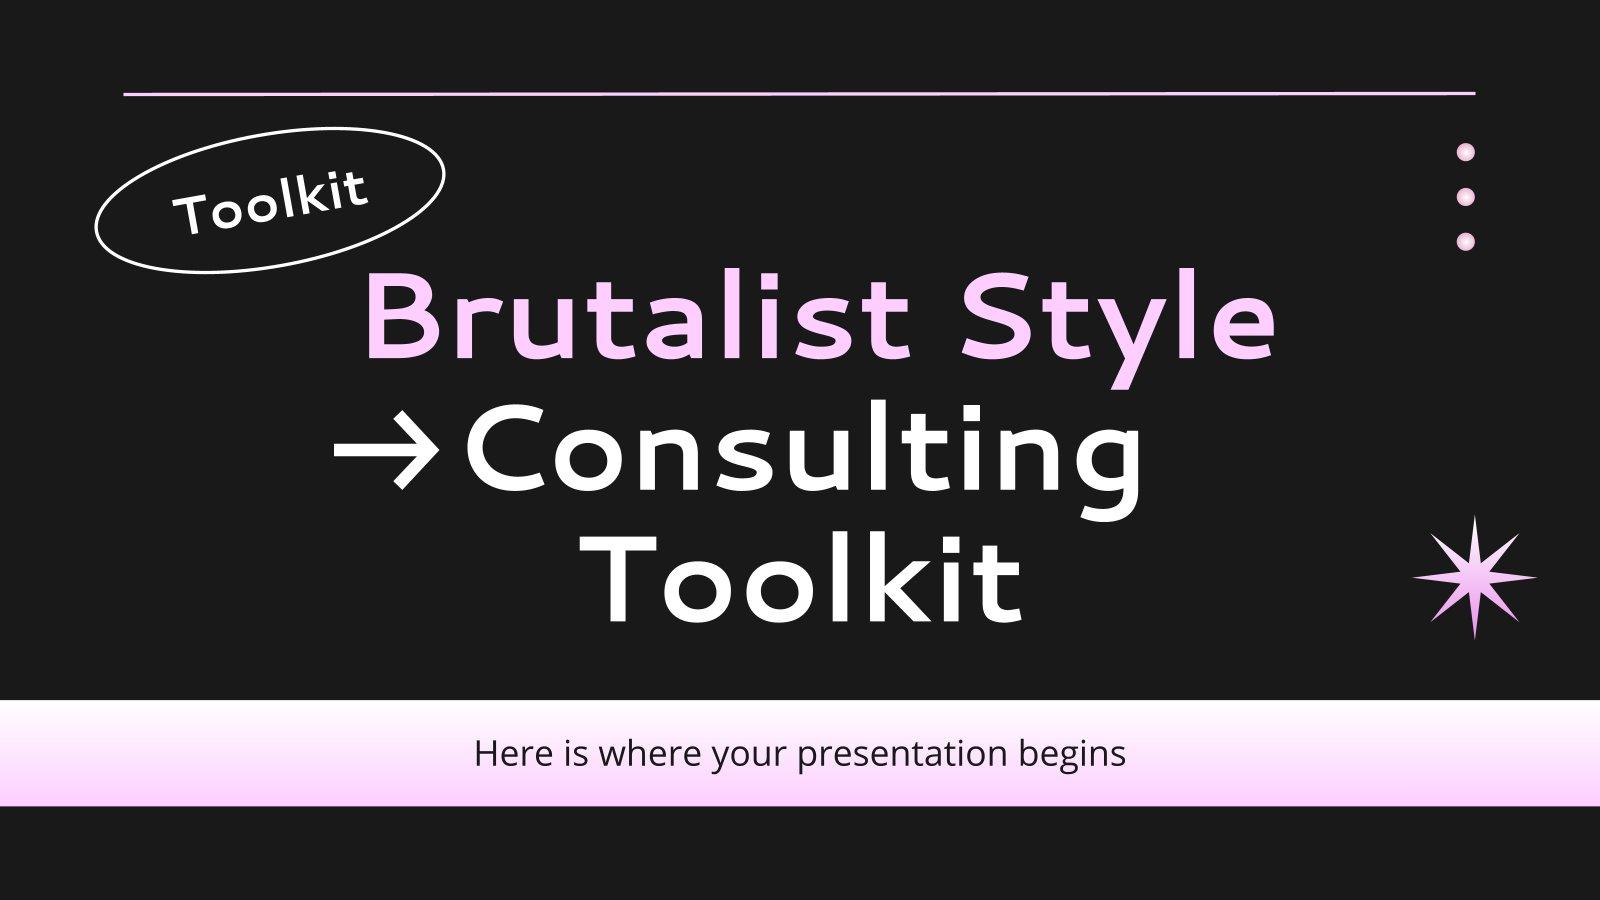 Beratungs-Toolkit im brutalistischen Stil Präsentationsvorlage